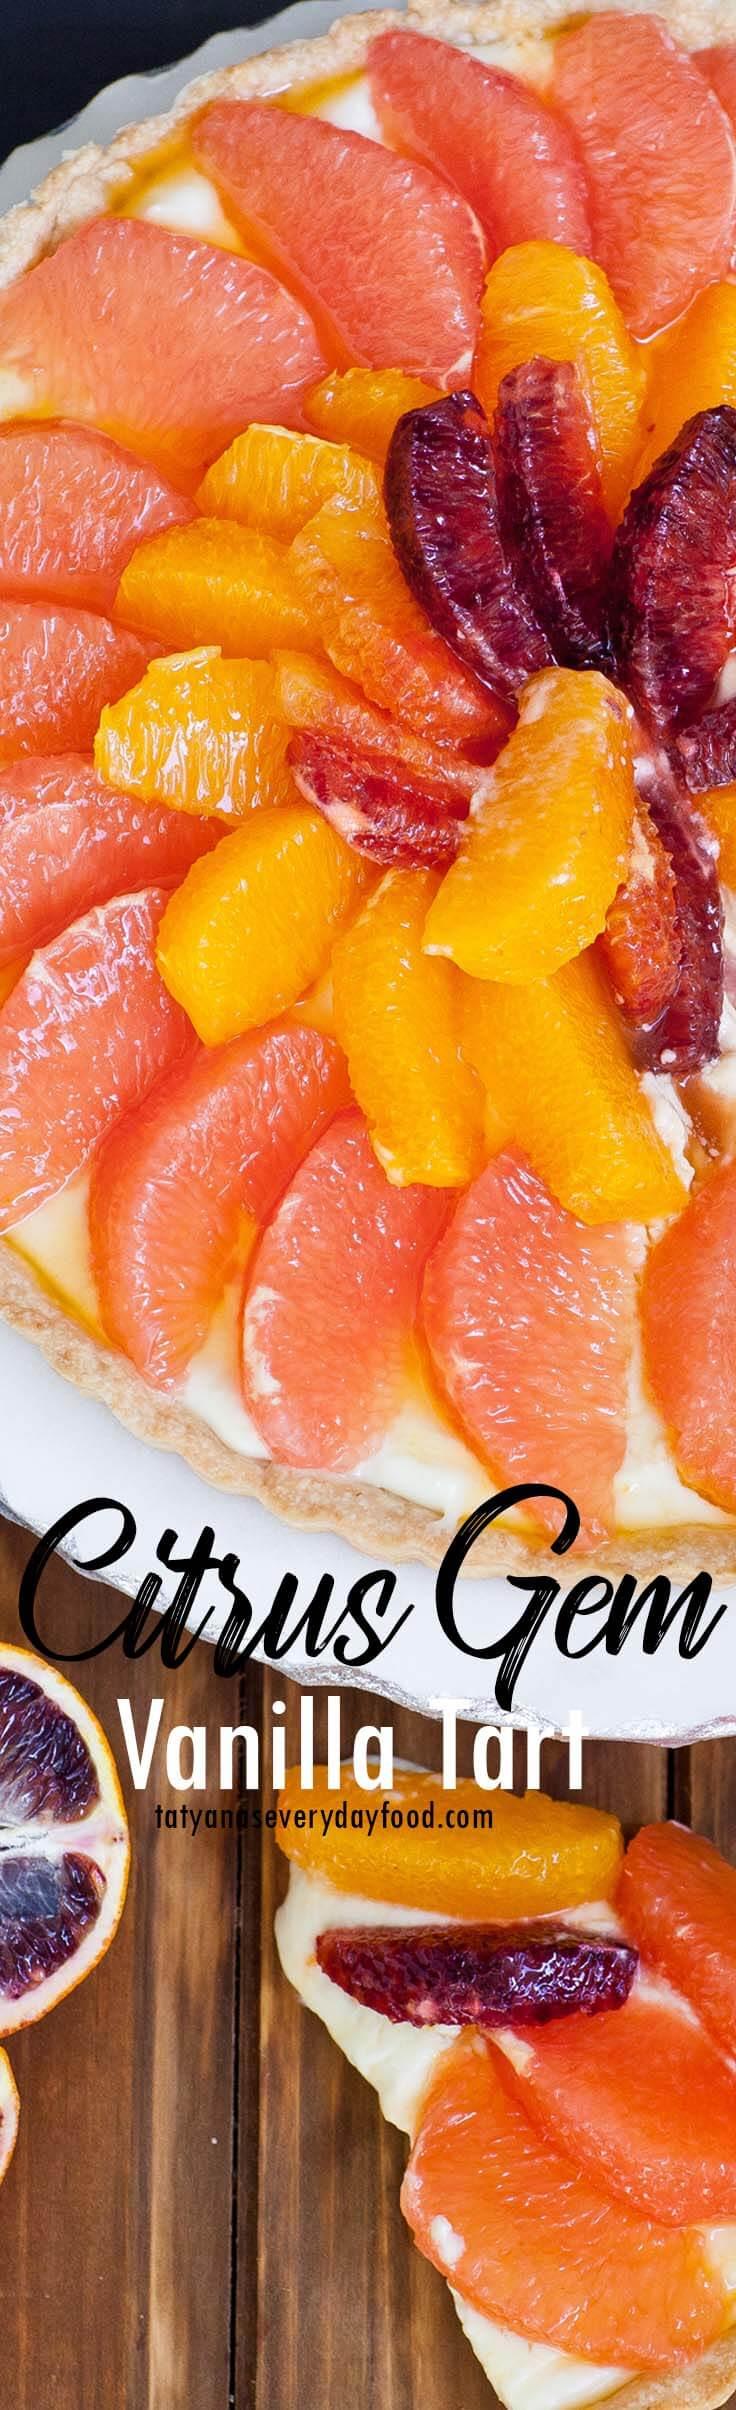 Vanilla Citrus Tart with citrus gems with video recipe